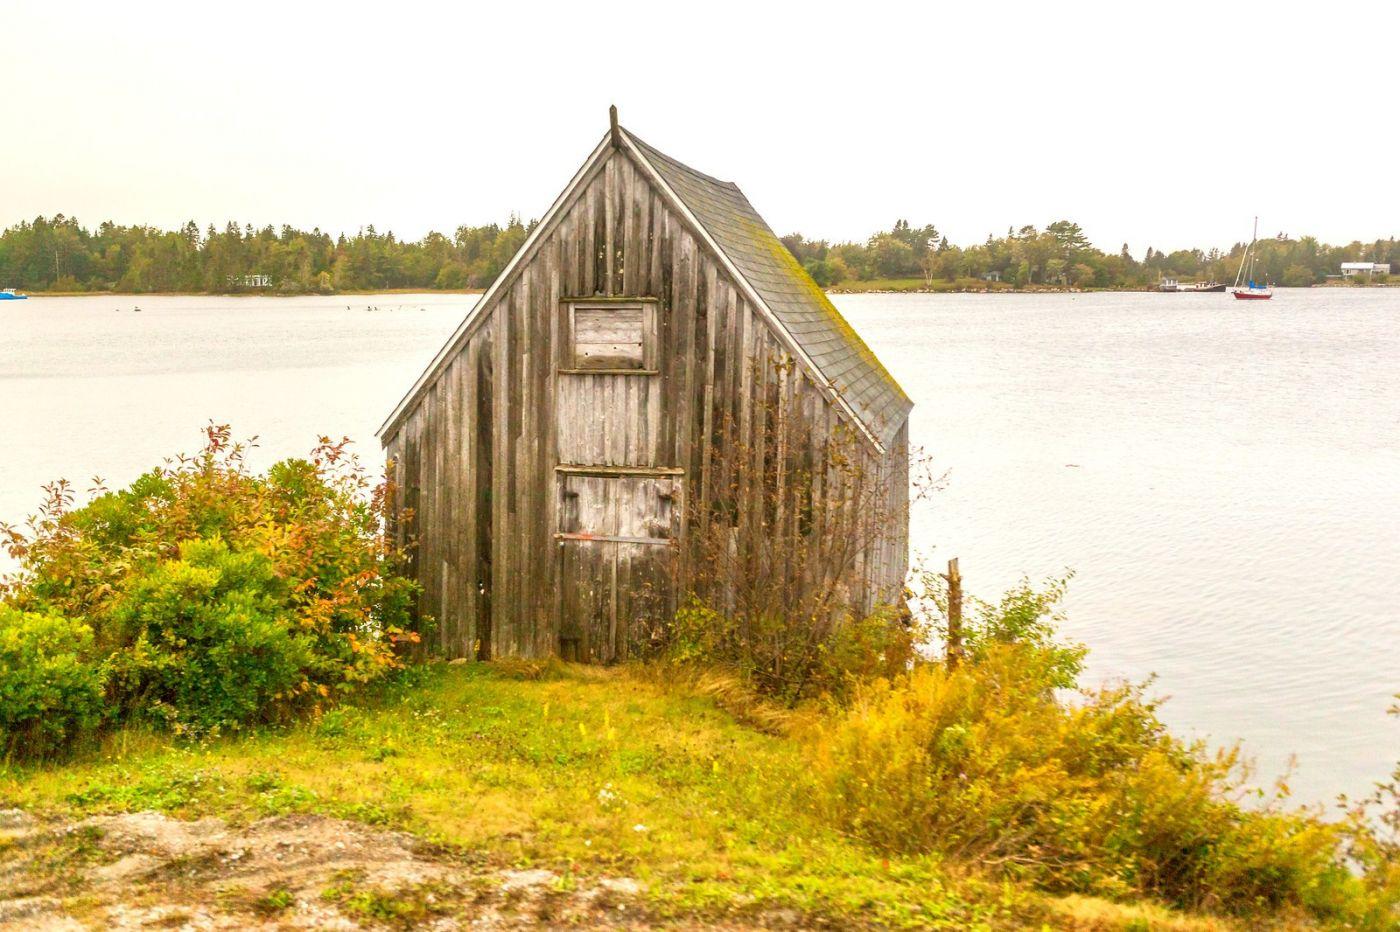 加拿大旅途,家还是自己的好_图1-24